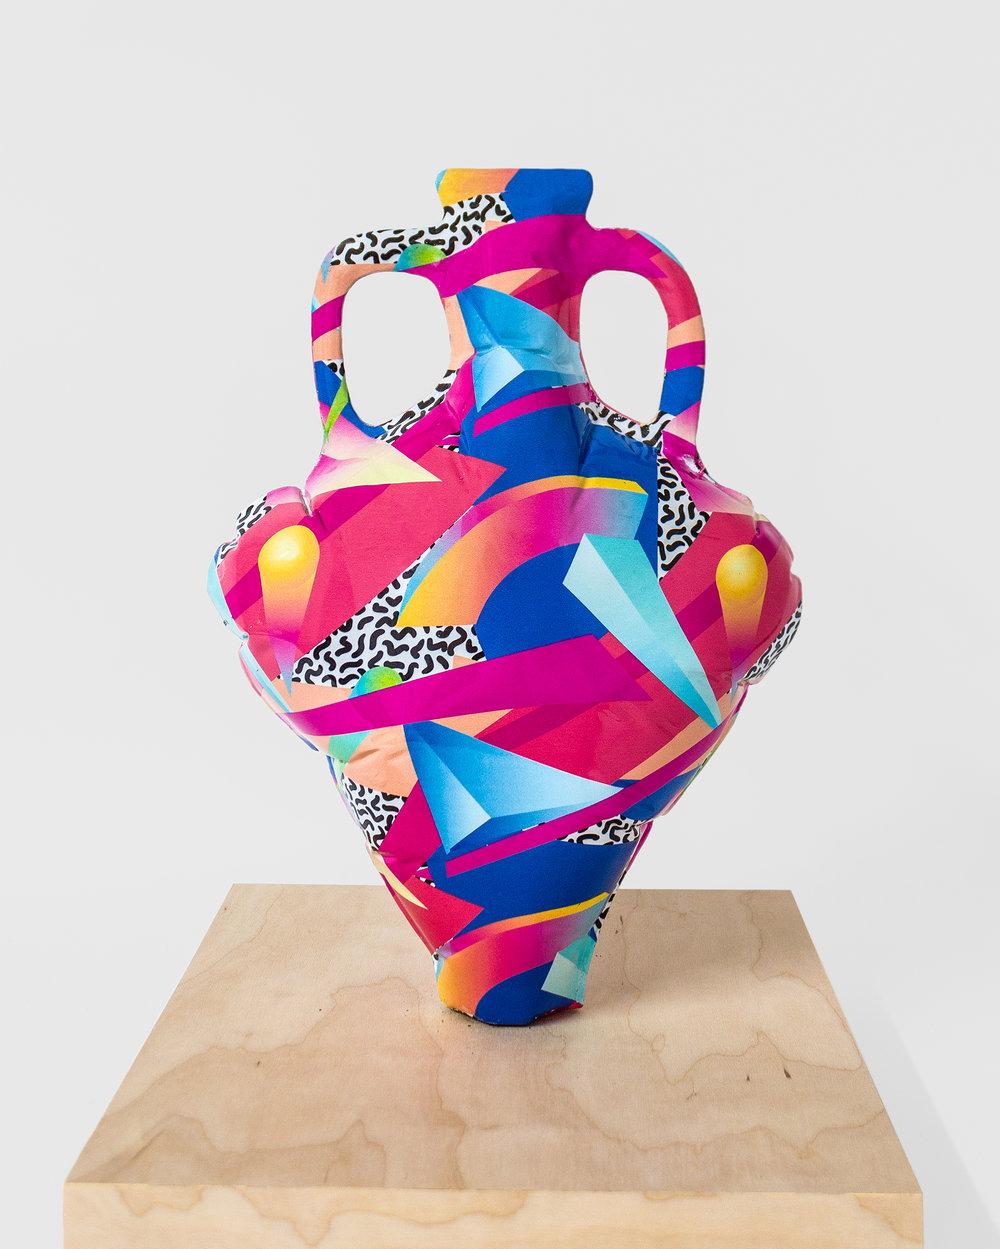 AdamParkerSmith_Sculpture6_Side1.jpg